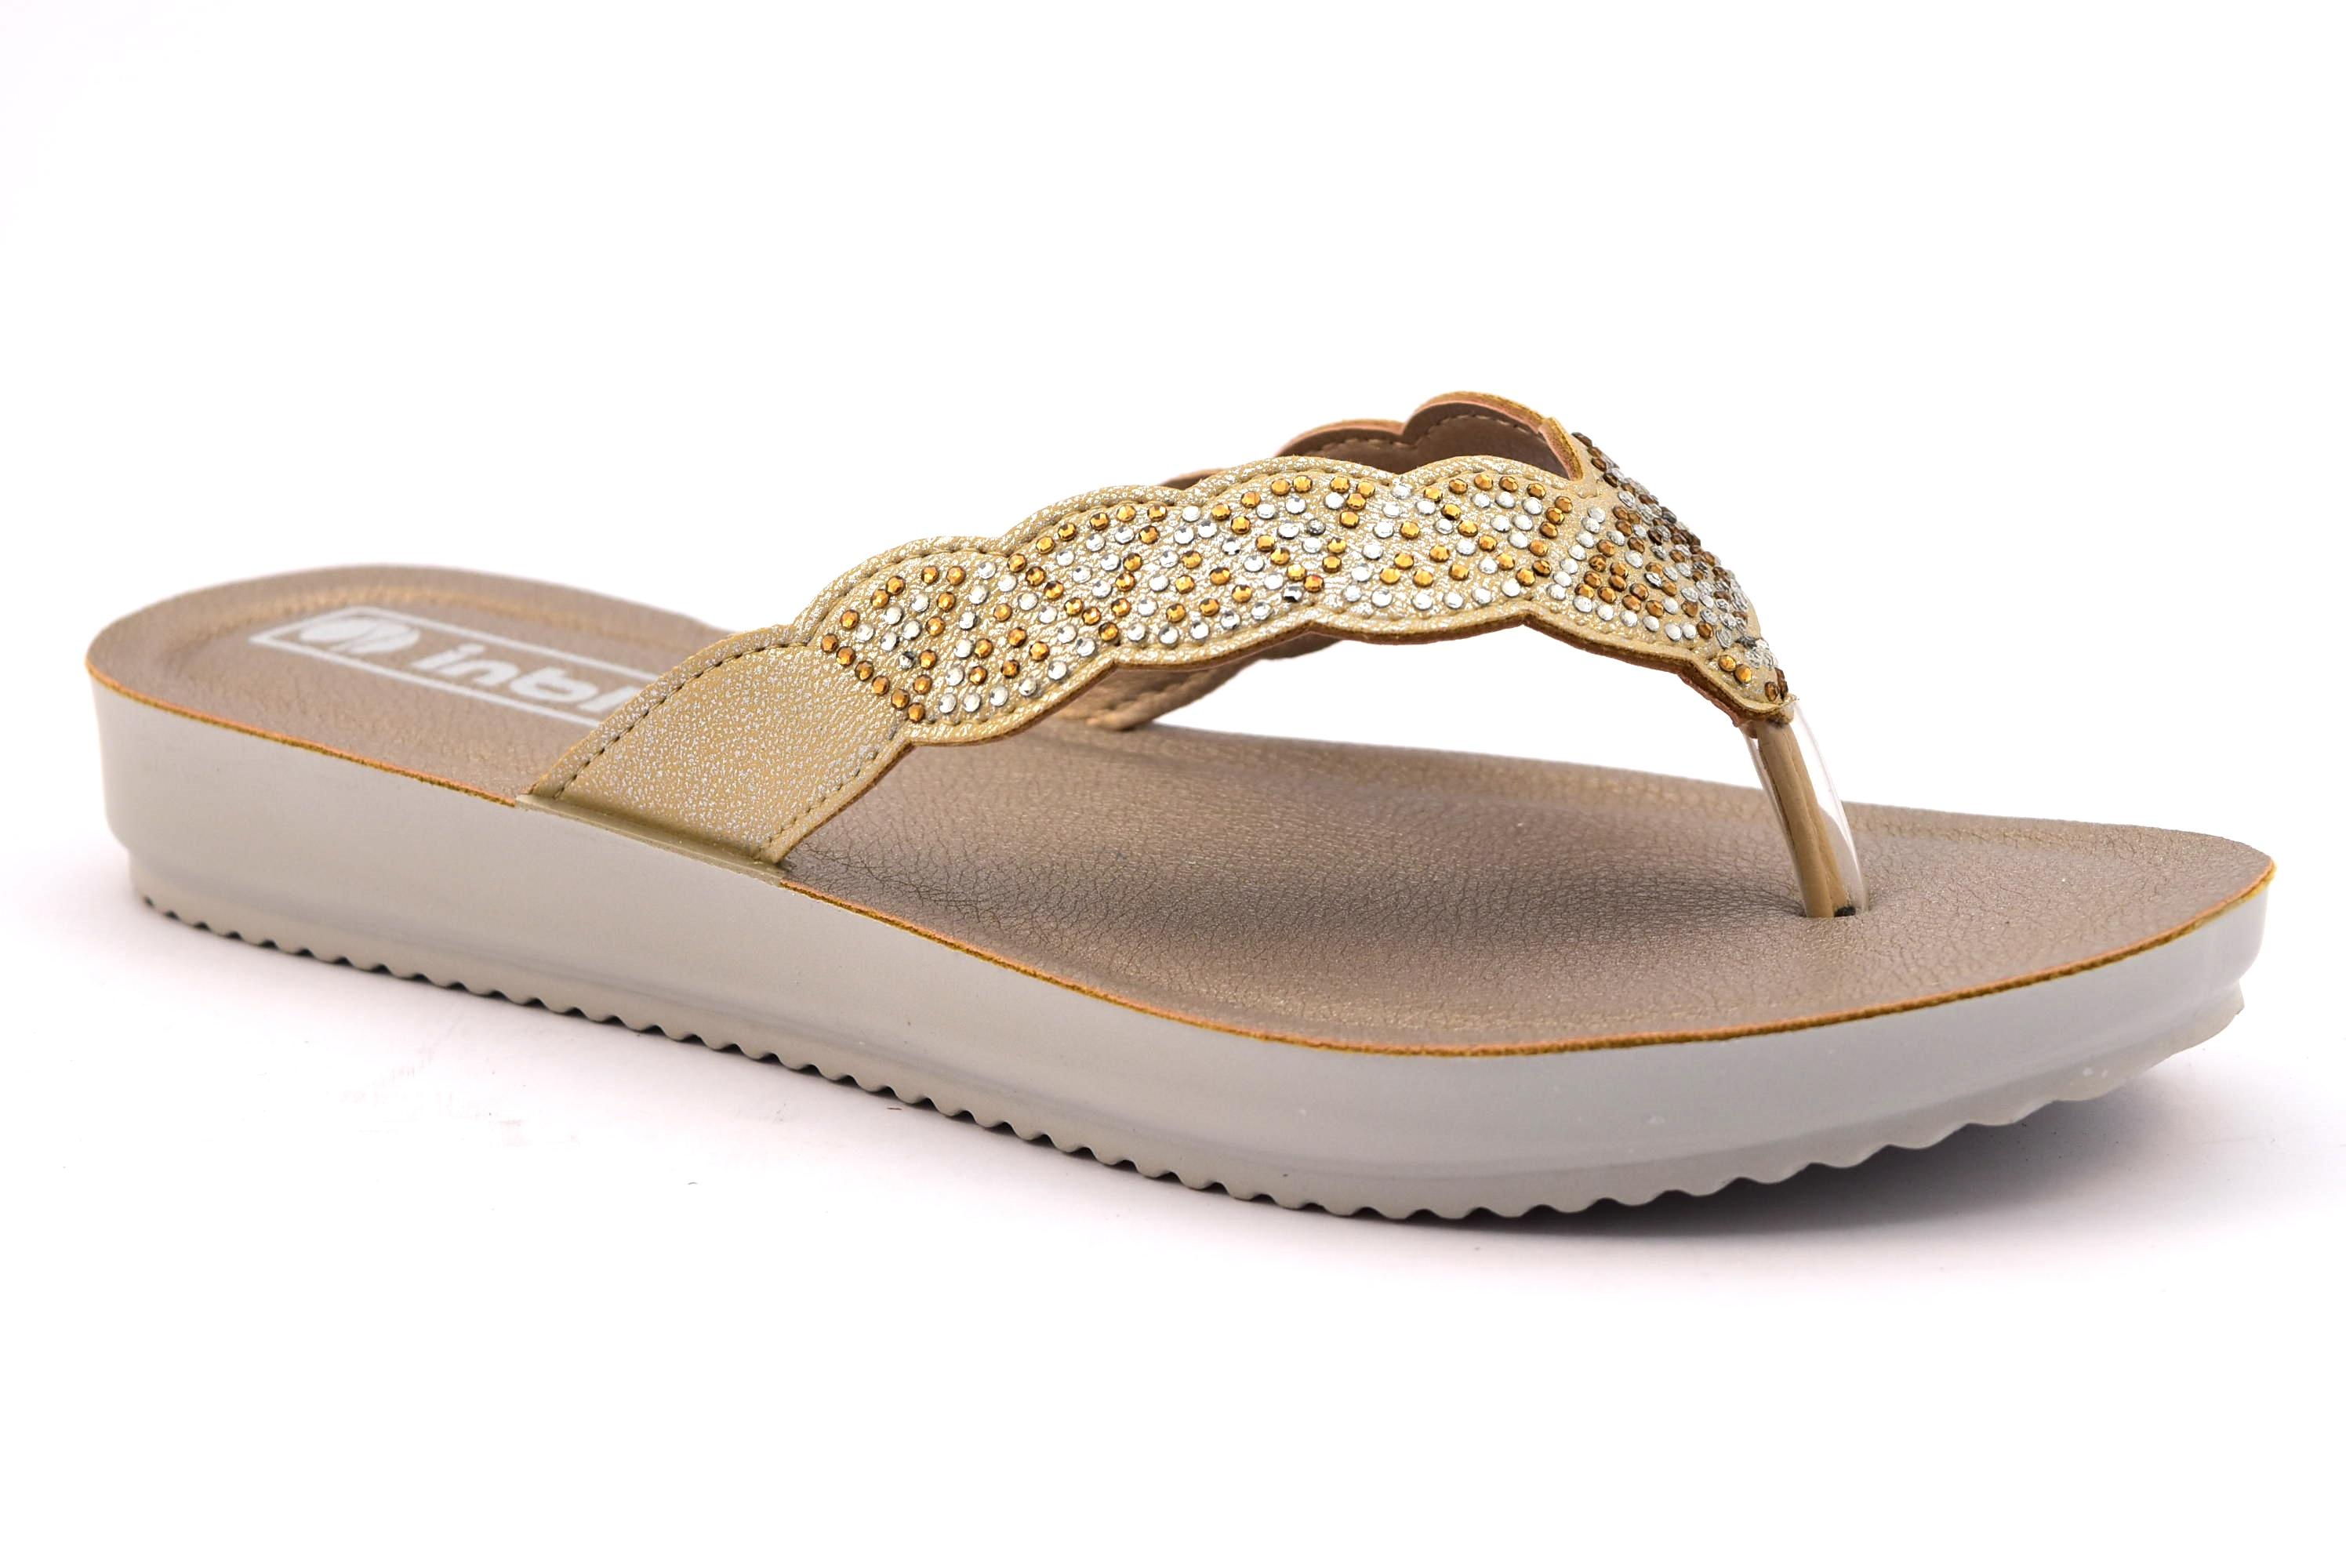 andare online scarpe originali scarpe autunnali INBLU BM000029 SABBIA ciabatte infradito donna mare estive ...